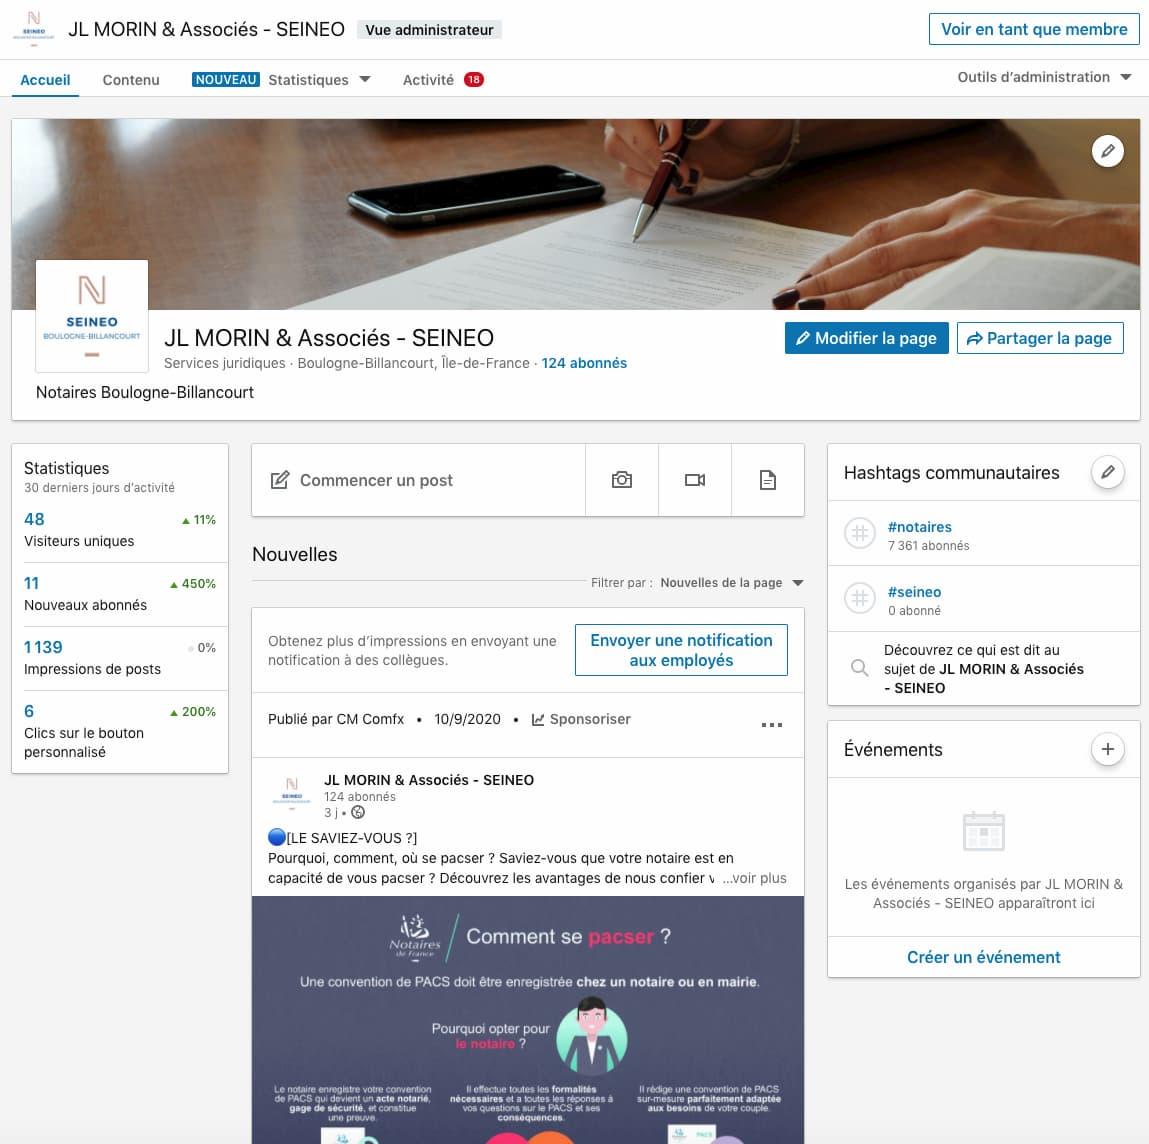 Activation et animation réseaux sociaux de la page LinkedIn SEINEO Notaires